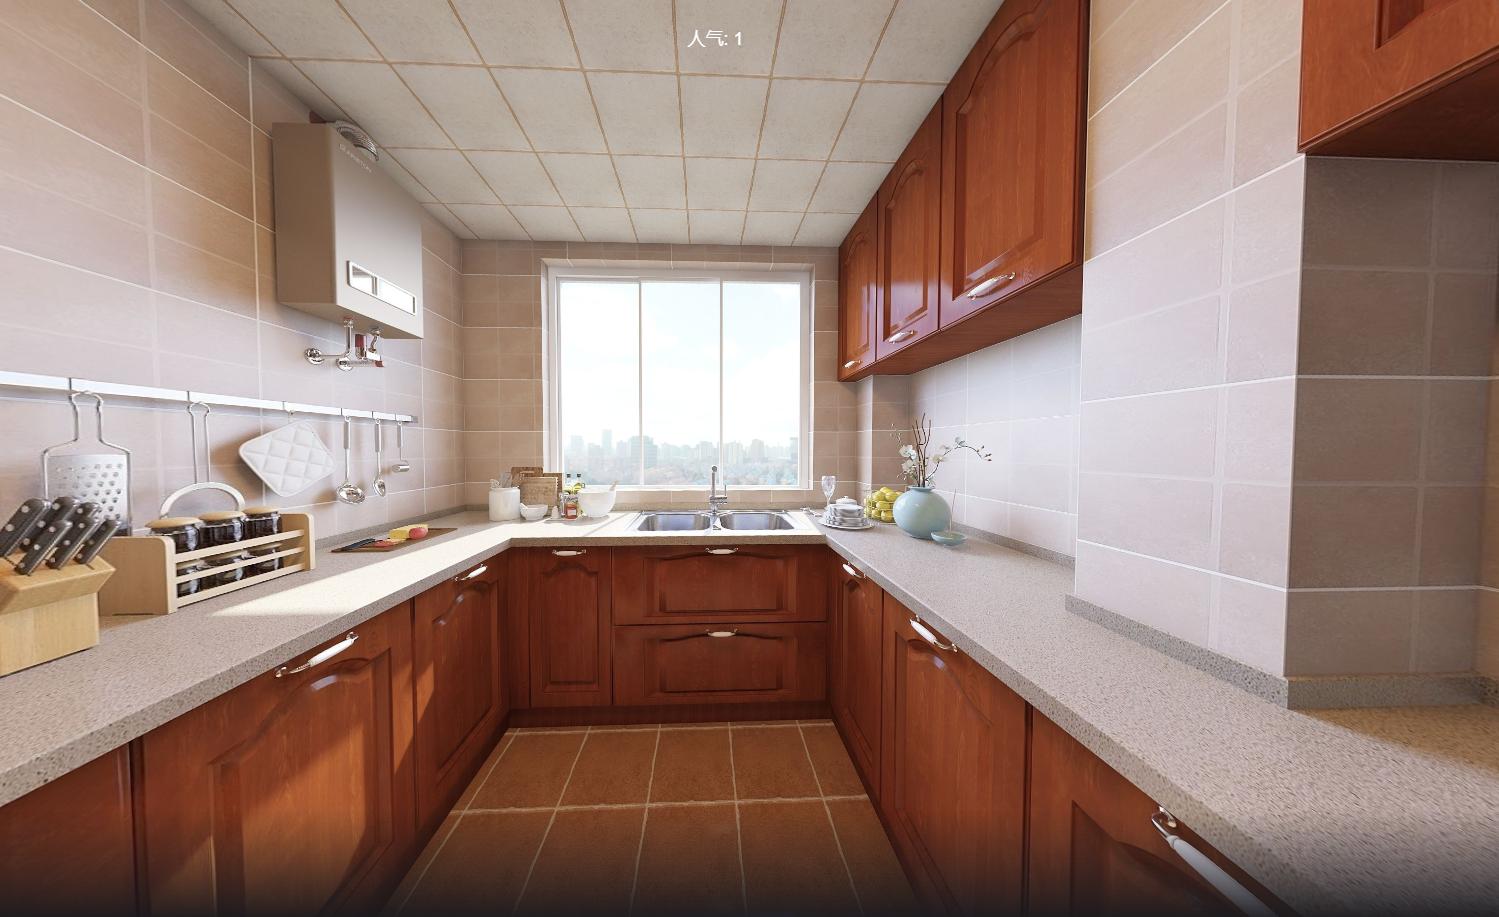 美式风三居厨房装修效果图